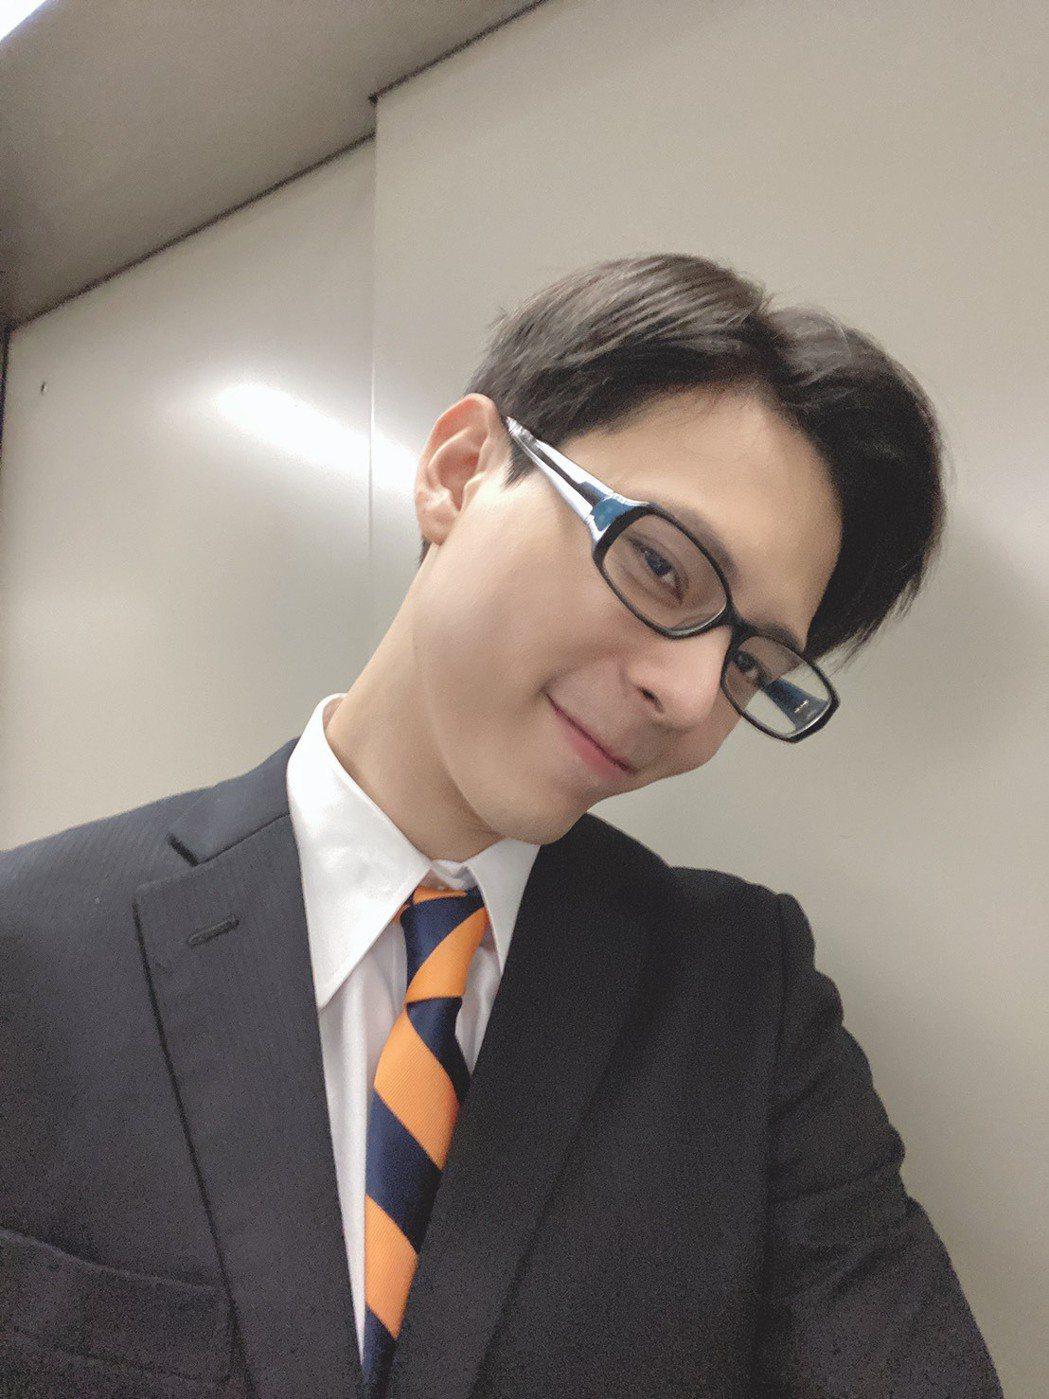 柯朋宇飾演台灣高鐵派去日本新幹線學習的「研修生」。圖/杉朋娛樂提供